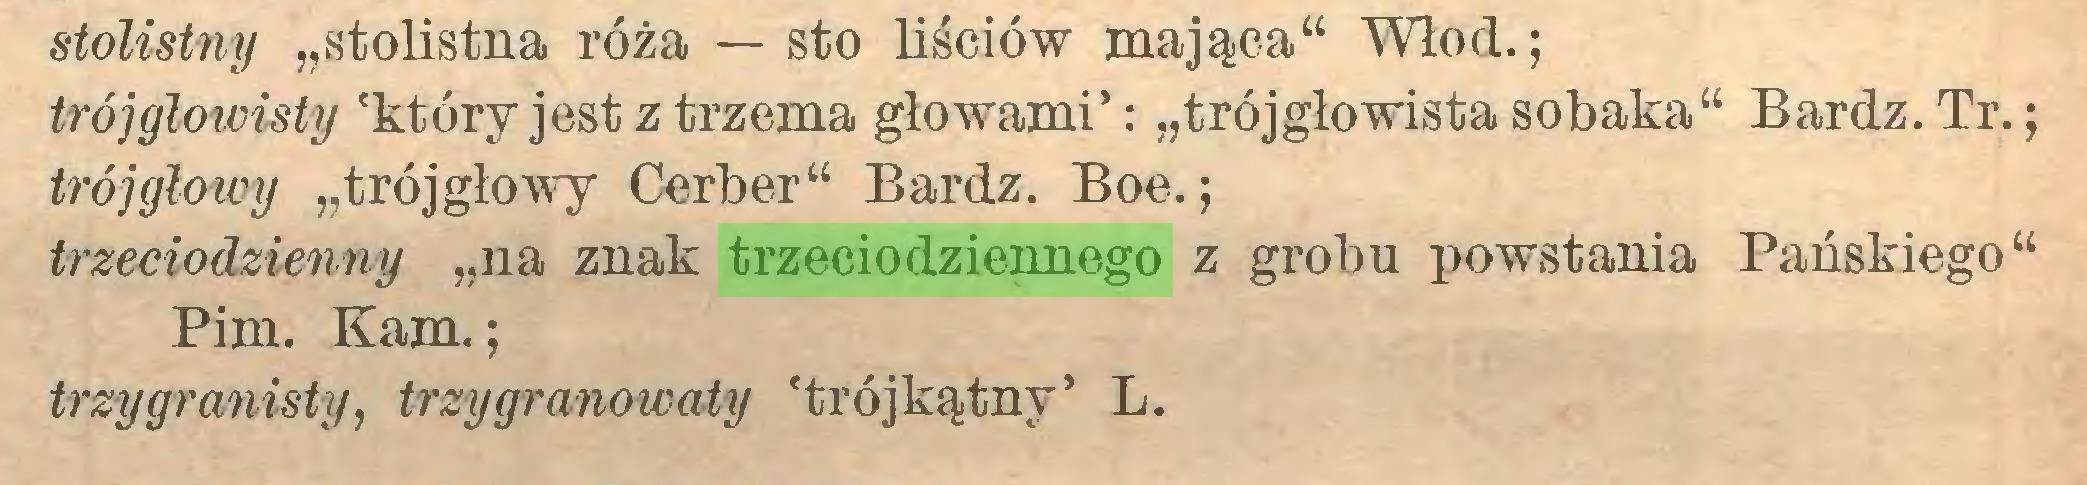 """(...) stolistny """"stolistna róża — sto liściów mająca"""" Włod.; trójgłowisty 'który jest z trzema głowami': """"trójgłowista sobaka"""" Bardz. Tr.; trójgłowy """"trójgłowy Cerber"""" Bardz. Boe.; trzeciodzienny """"na znak trzeciodziennego z grobu powstania Pańskiego"""" Pim. Kam.; trzygranisty, trzygranowaty 'trójkątny' L..."""